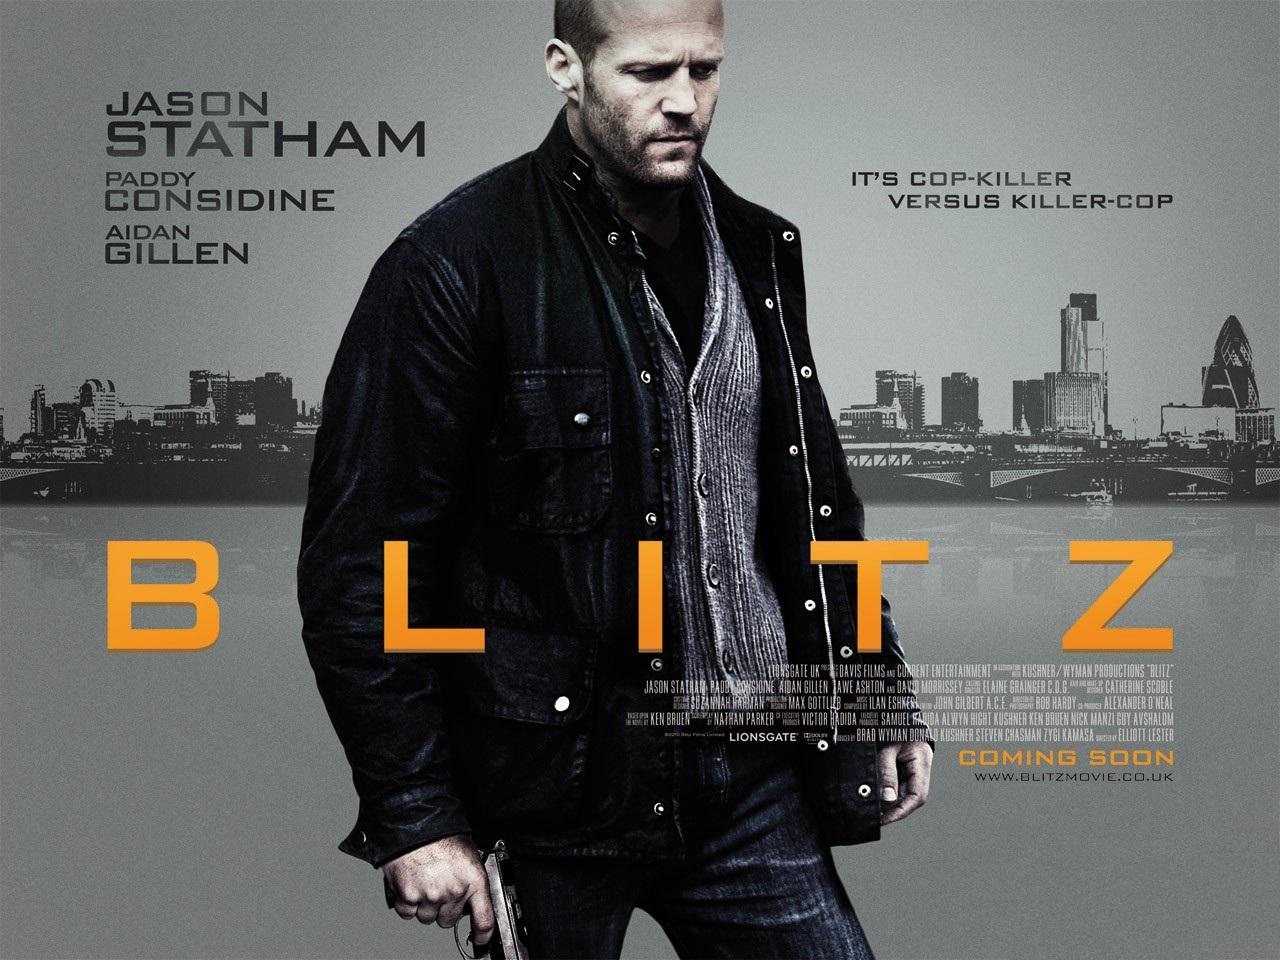 http://2.bp.blogspot.com/-JkcnC5Sz-G0/TgOQxlVi_hI/AAAAAAAADT0/2FiZq0is--A/s1600/Blitz+Movie+Poster.jpg